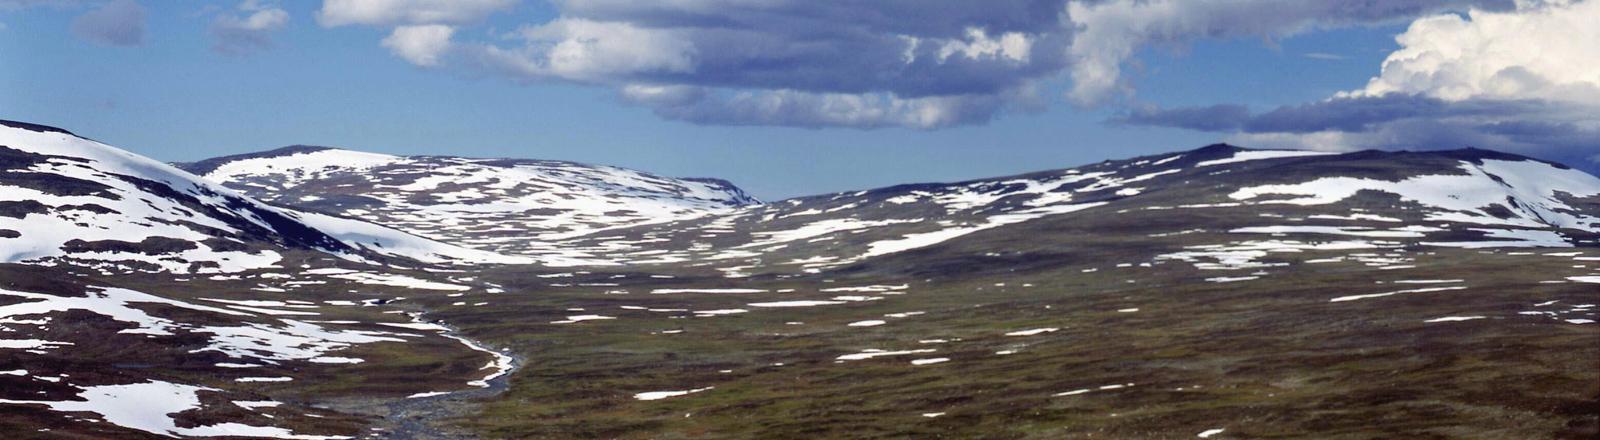 Blick über einen See auf die schneebeckten Hügel der Halti-Bergregion im finnischen Teil von Lappland, zu dem auch der Haltiatunturi gehört, der höchste Berg Finnlands.